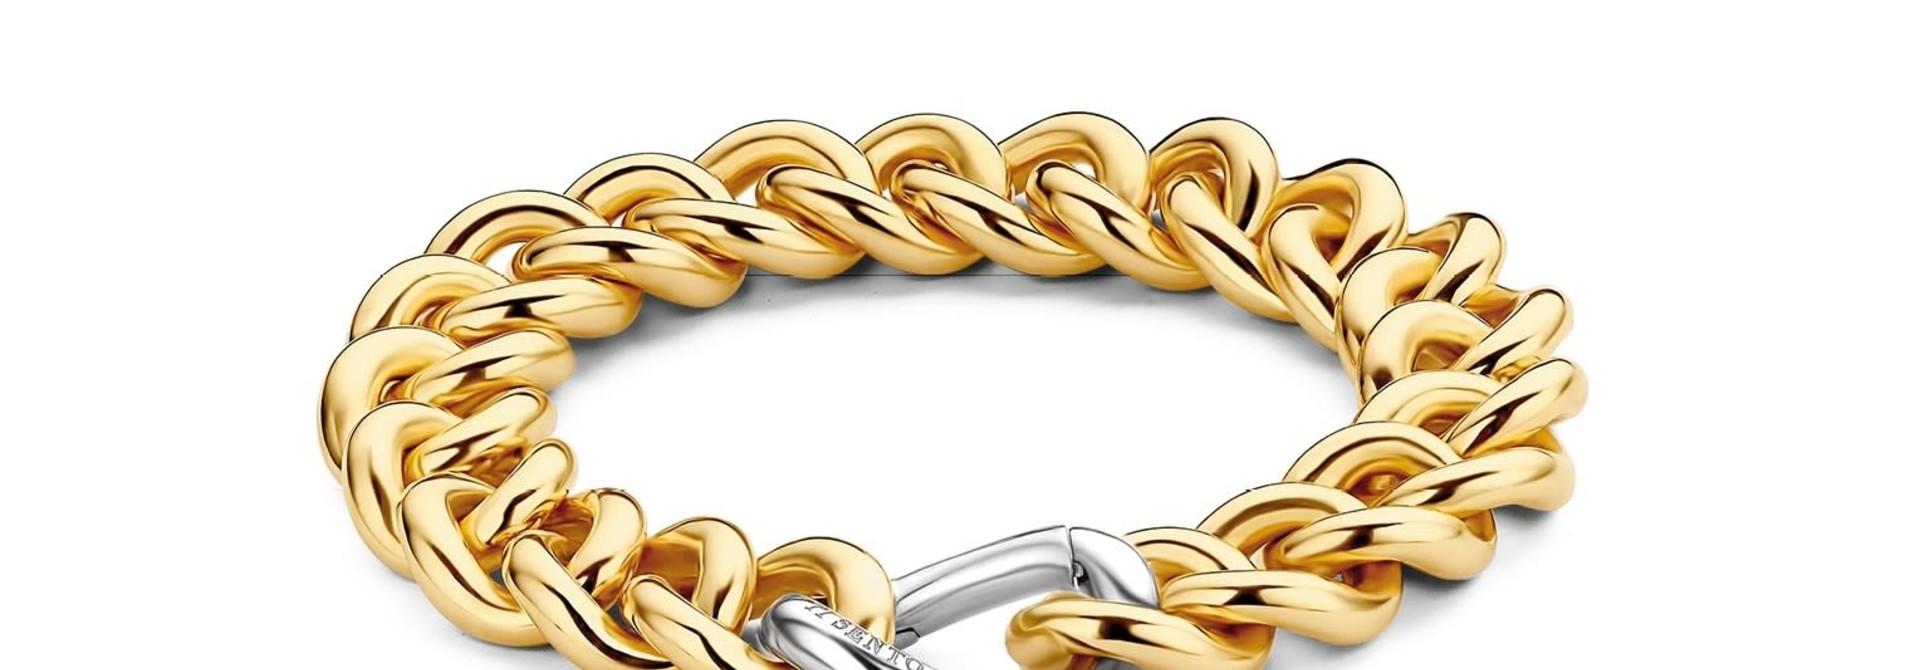 TI SENTO - Milano Bracelet 2922SY